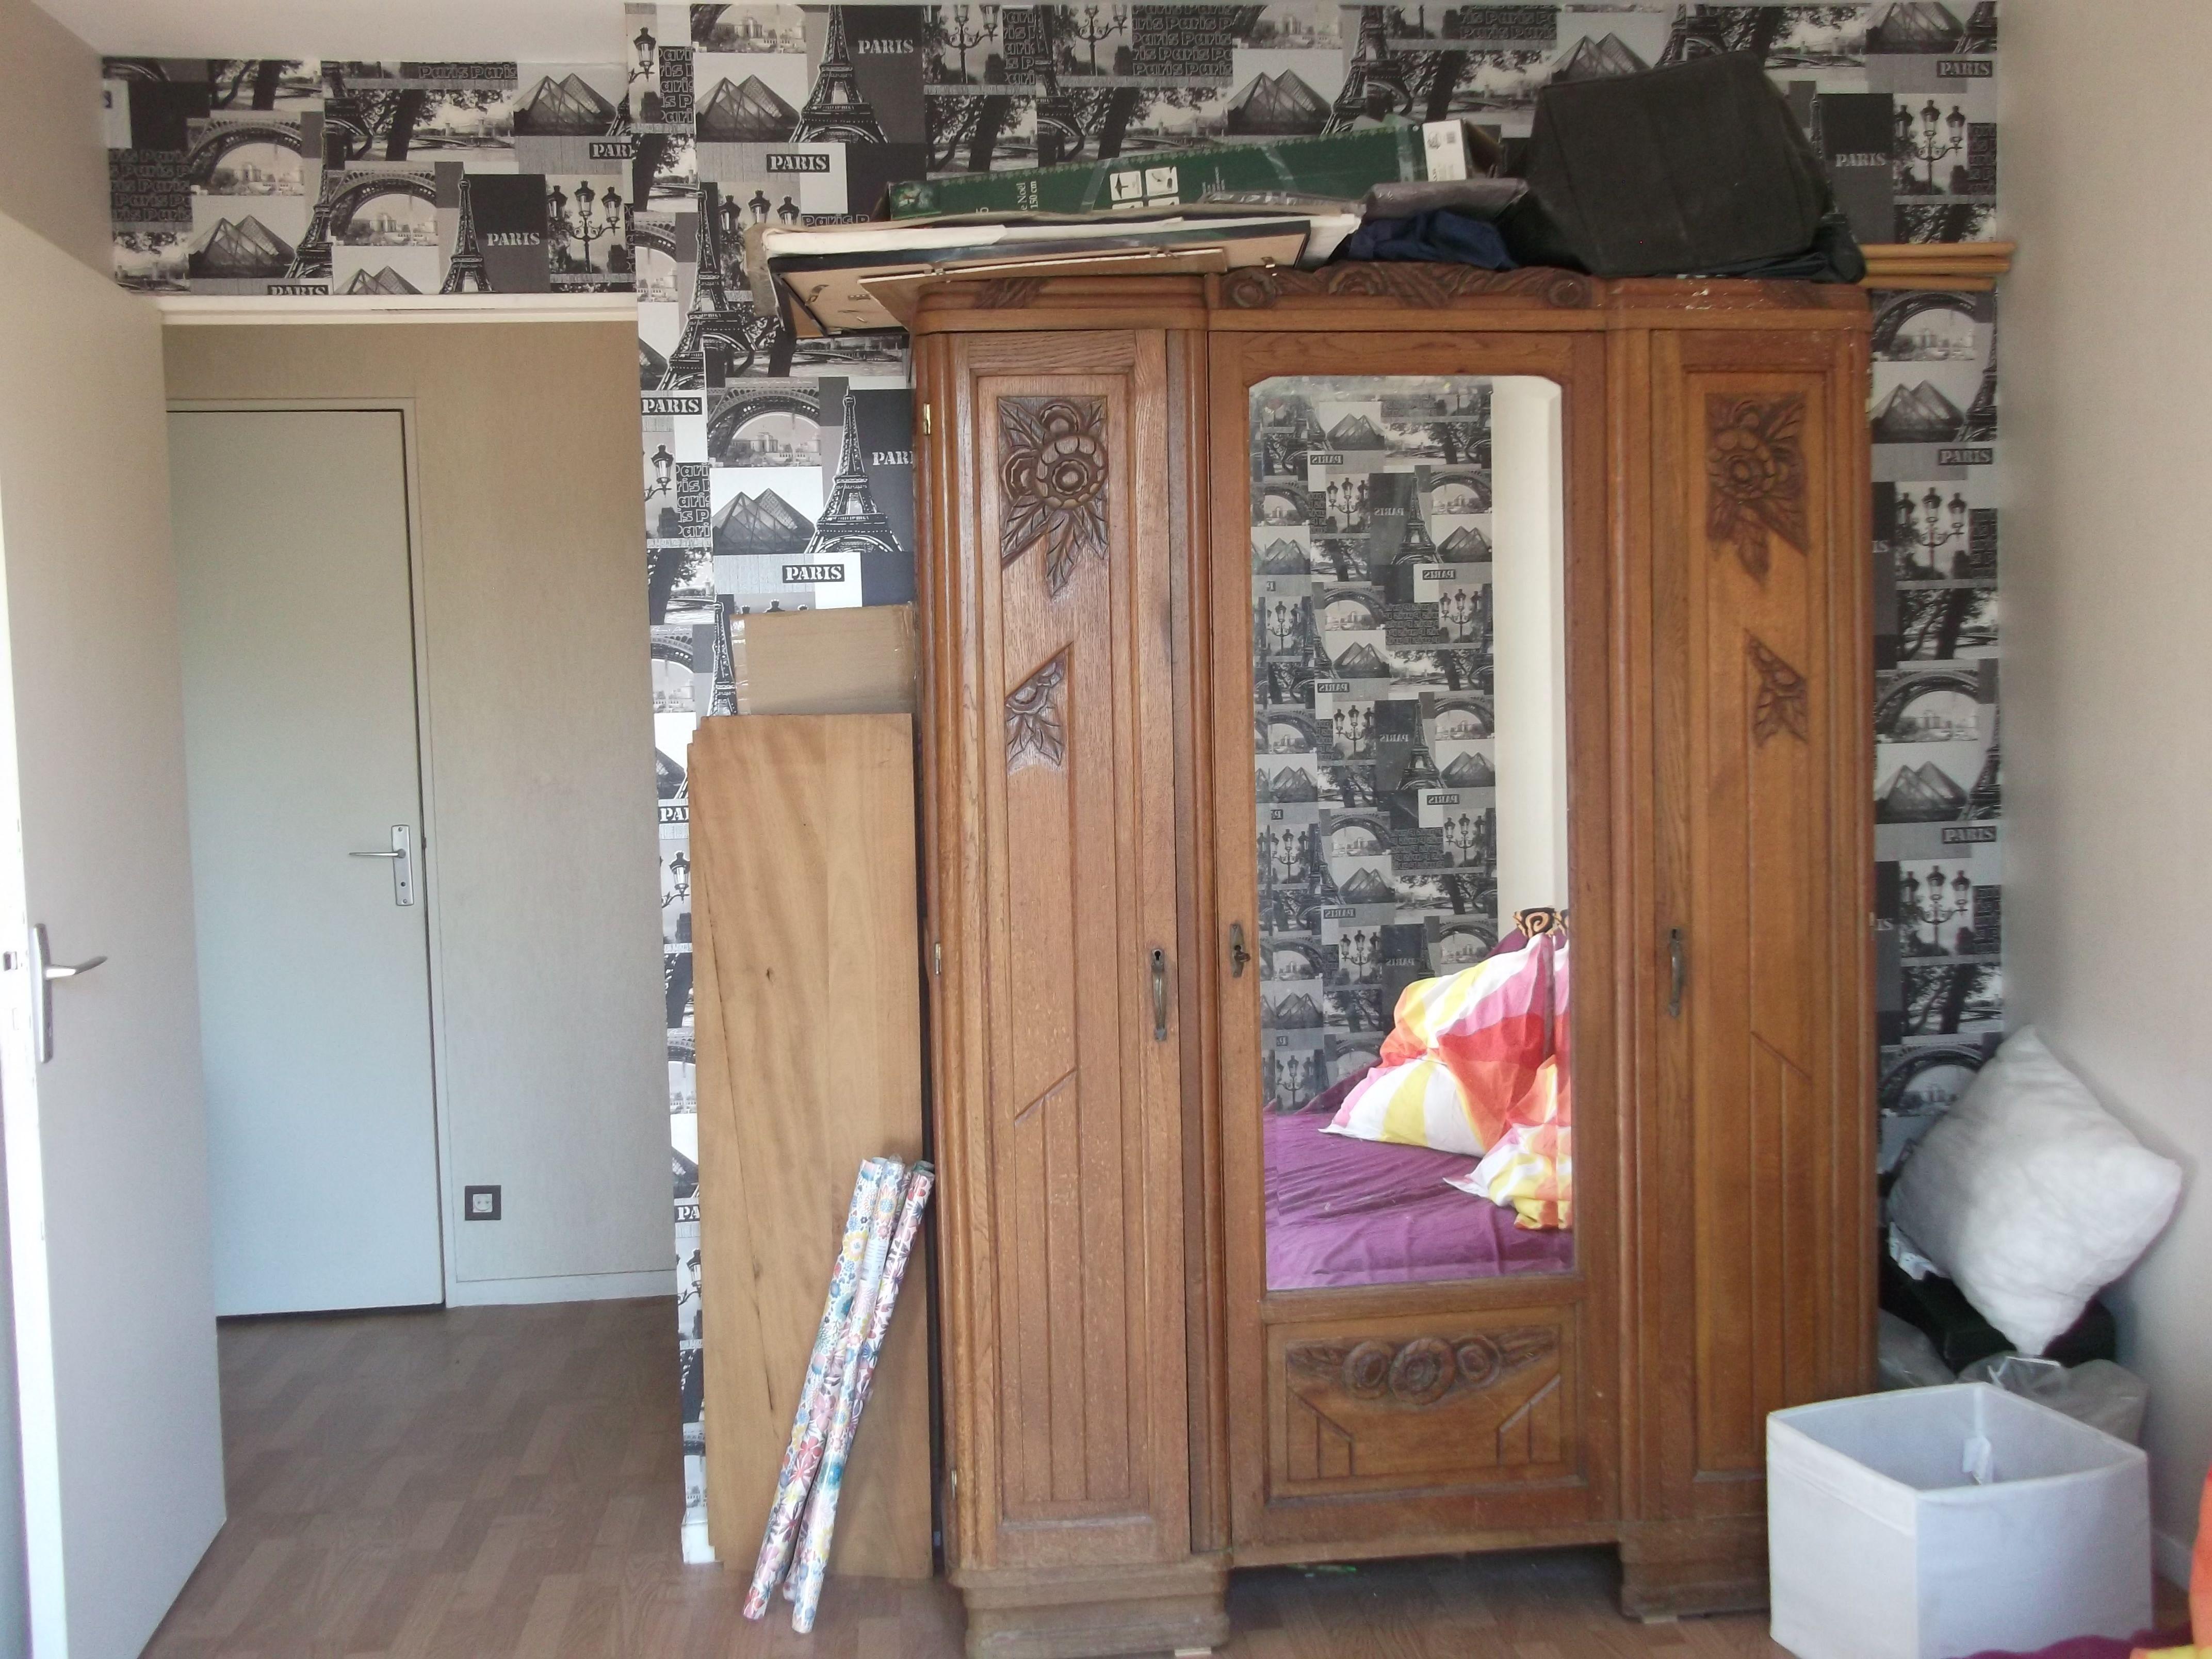 Colocation Angers 60PLUS & Location Chambre à louer Angers 60PLUS   Loue chambre meublée Angers 60PLUS   Logement Angers 60PLUS